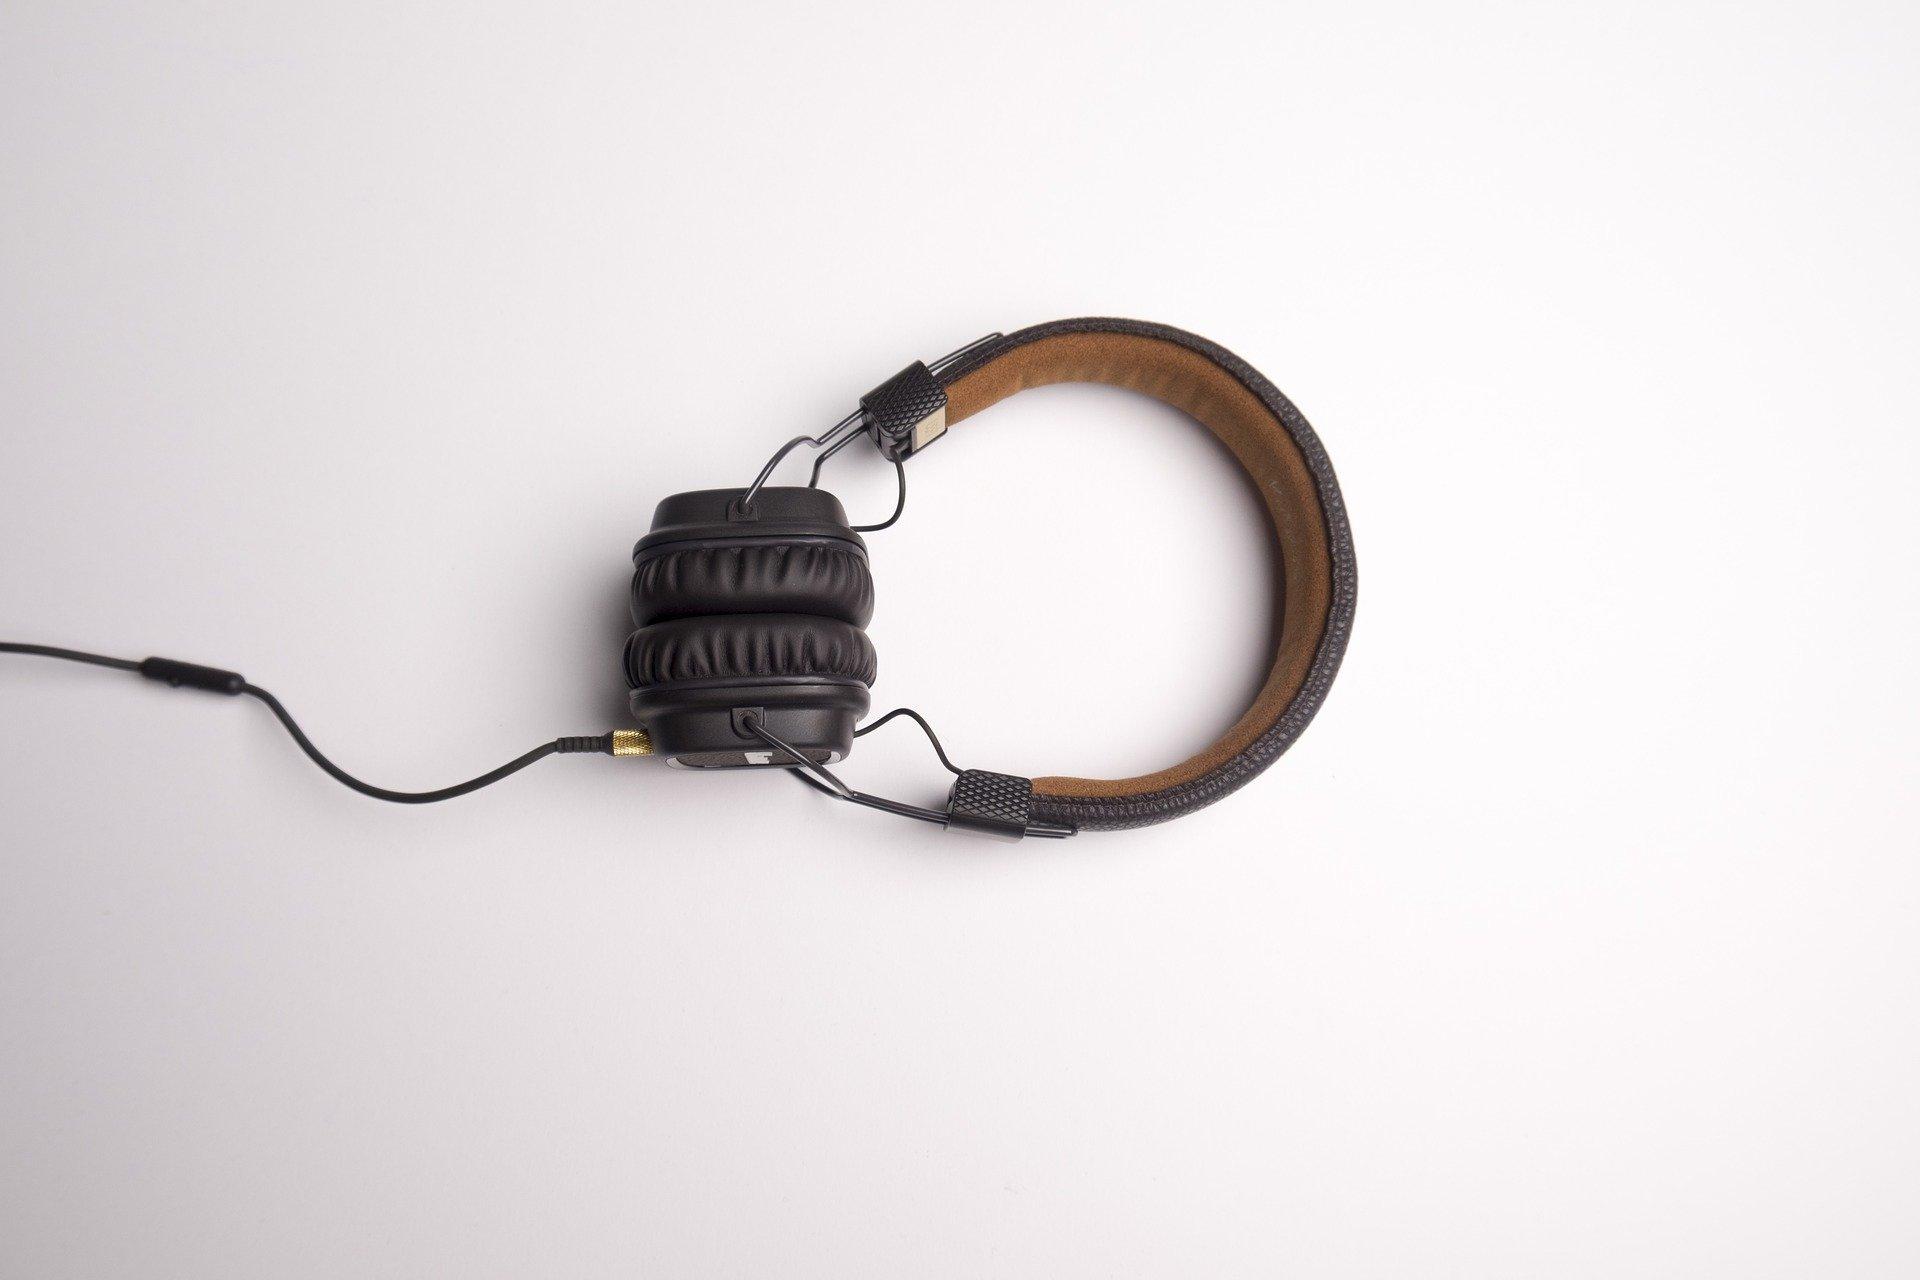 een koptelefoon tegen een witte achtergrond